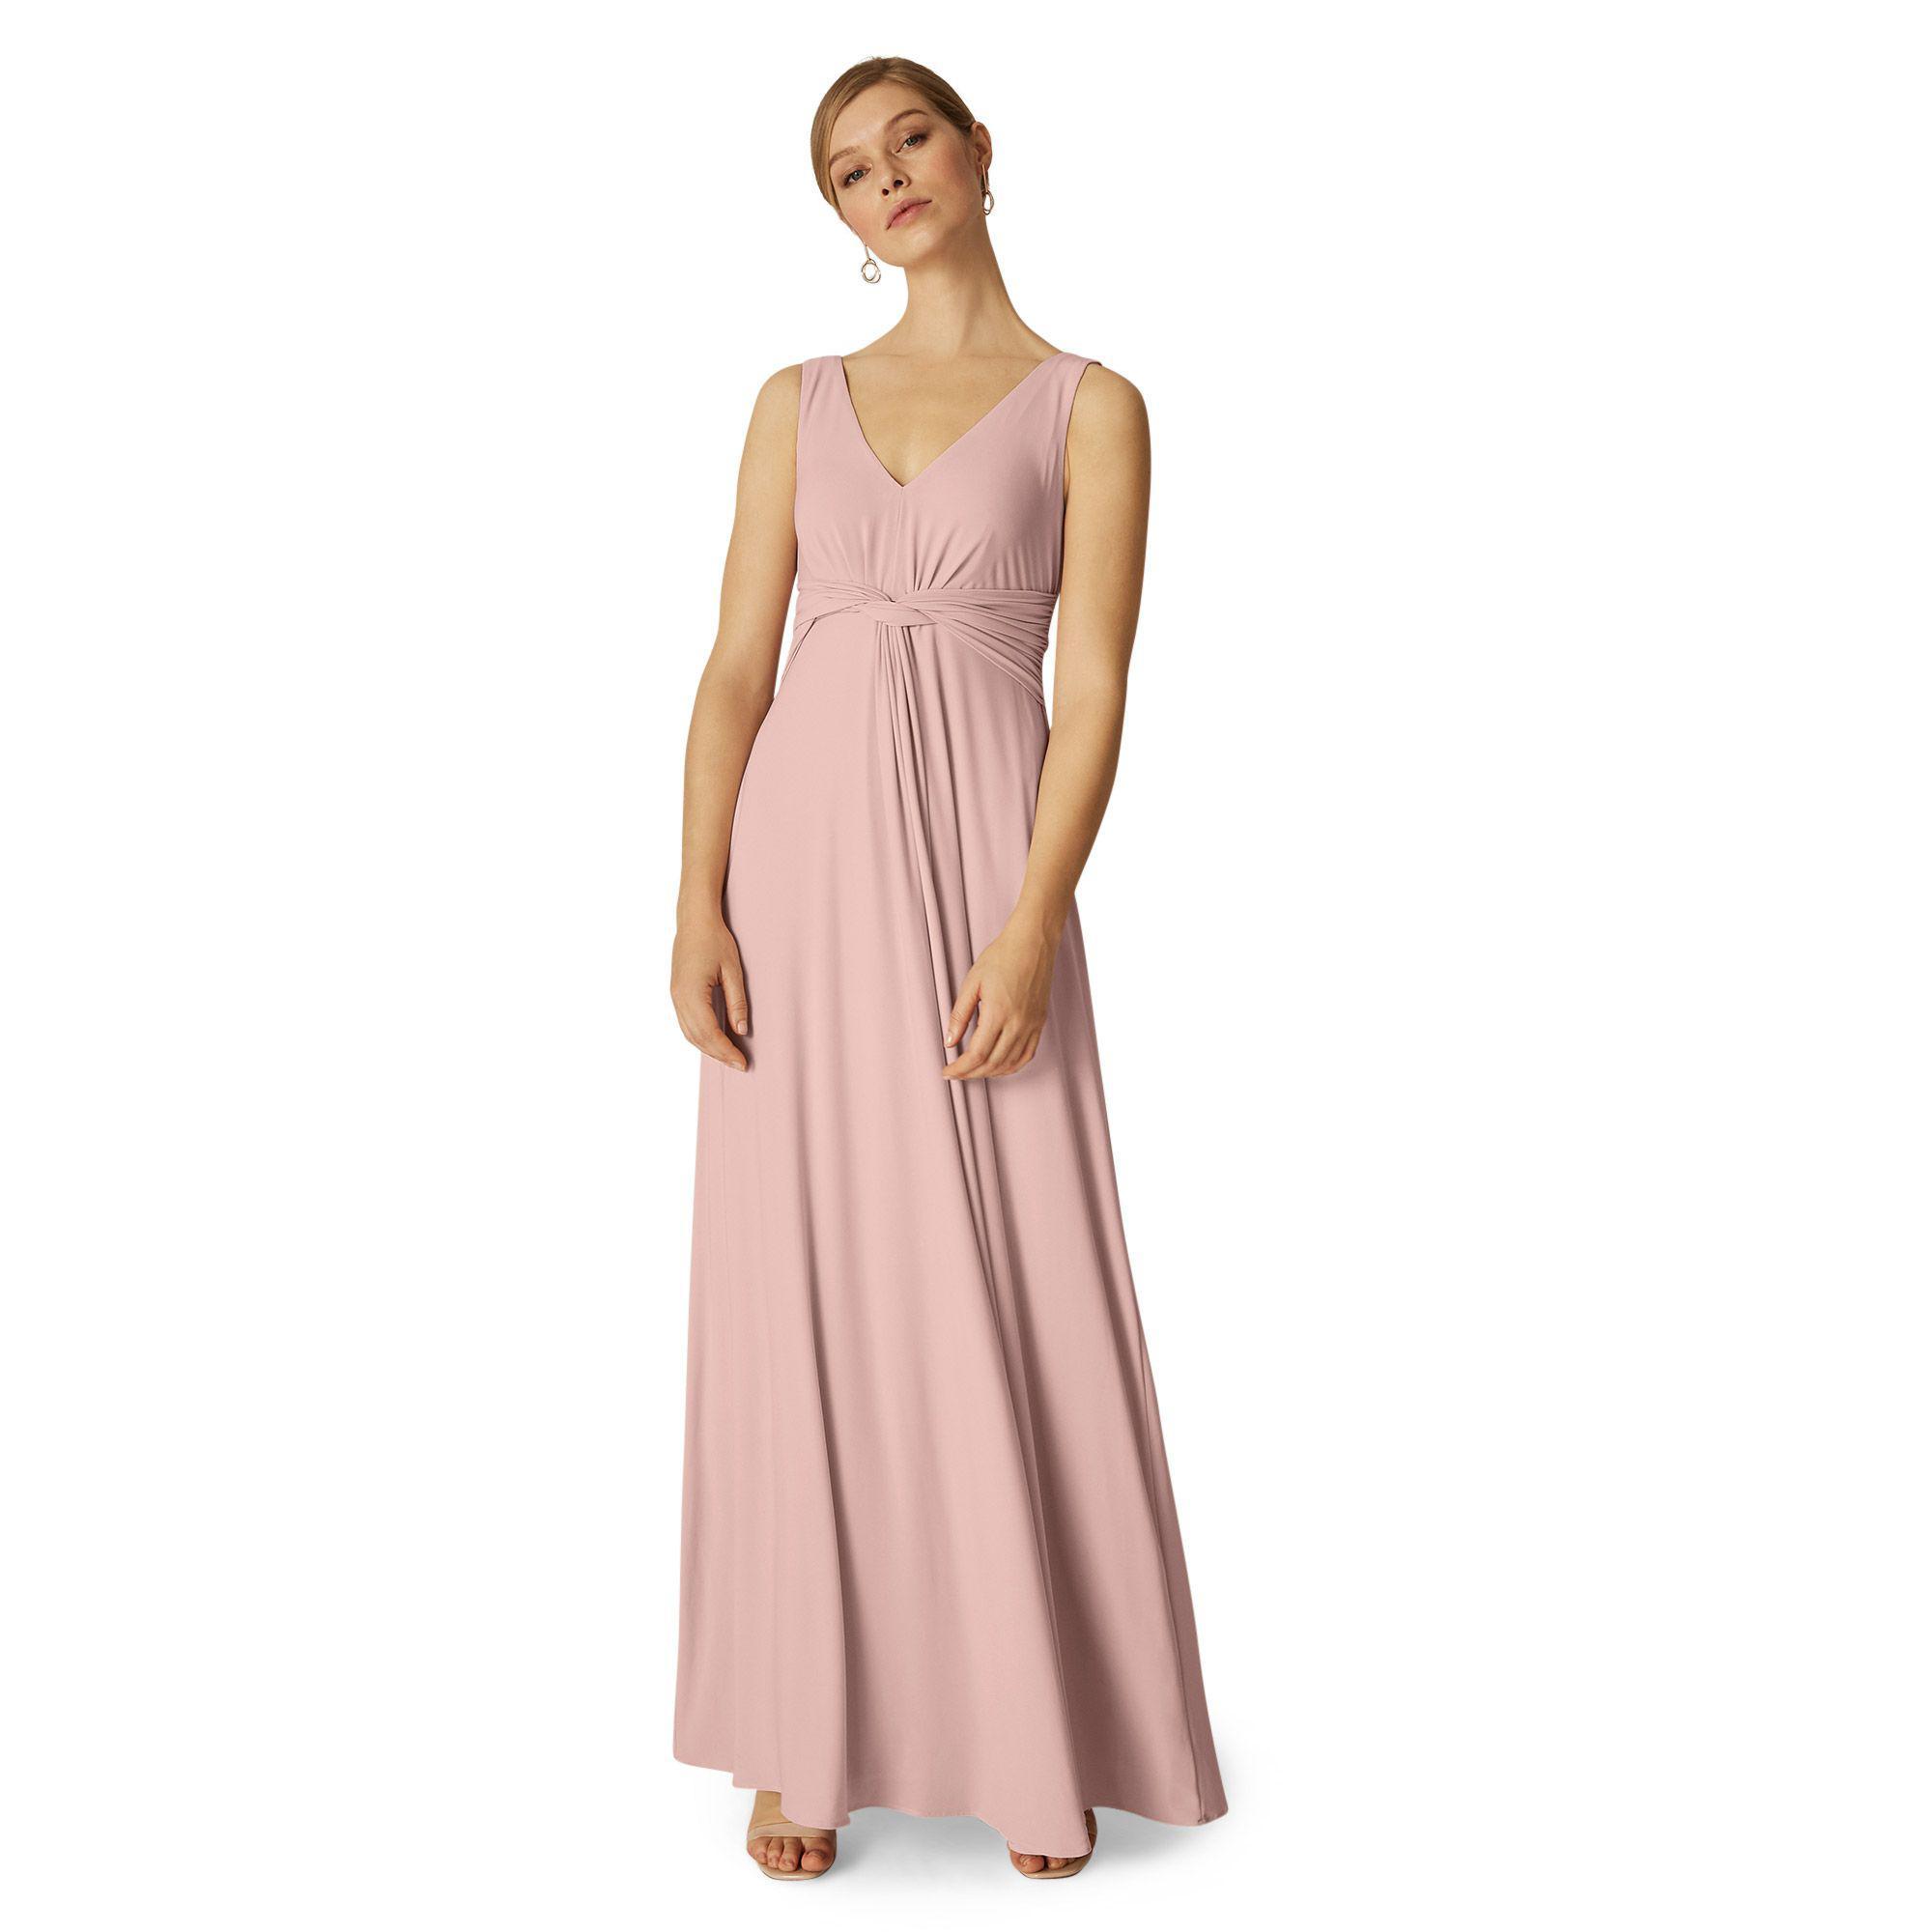 Dorable Vestidos De Fiesta Impares Motivo - Colección de Vestidos de ...